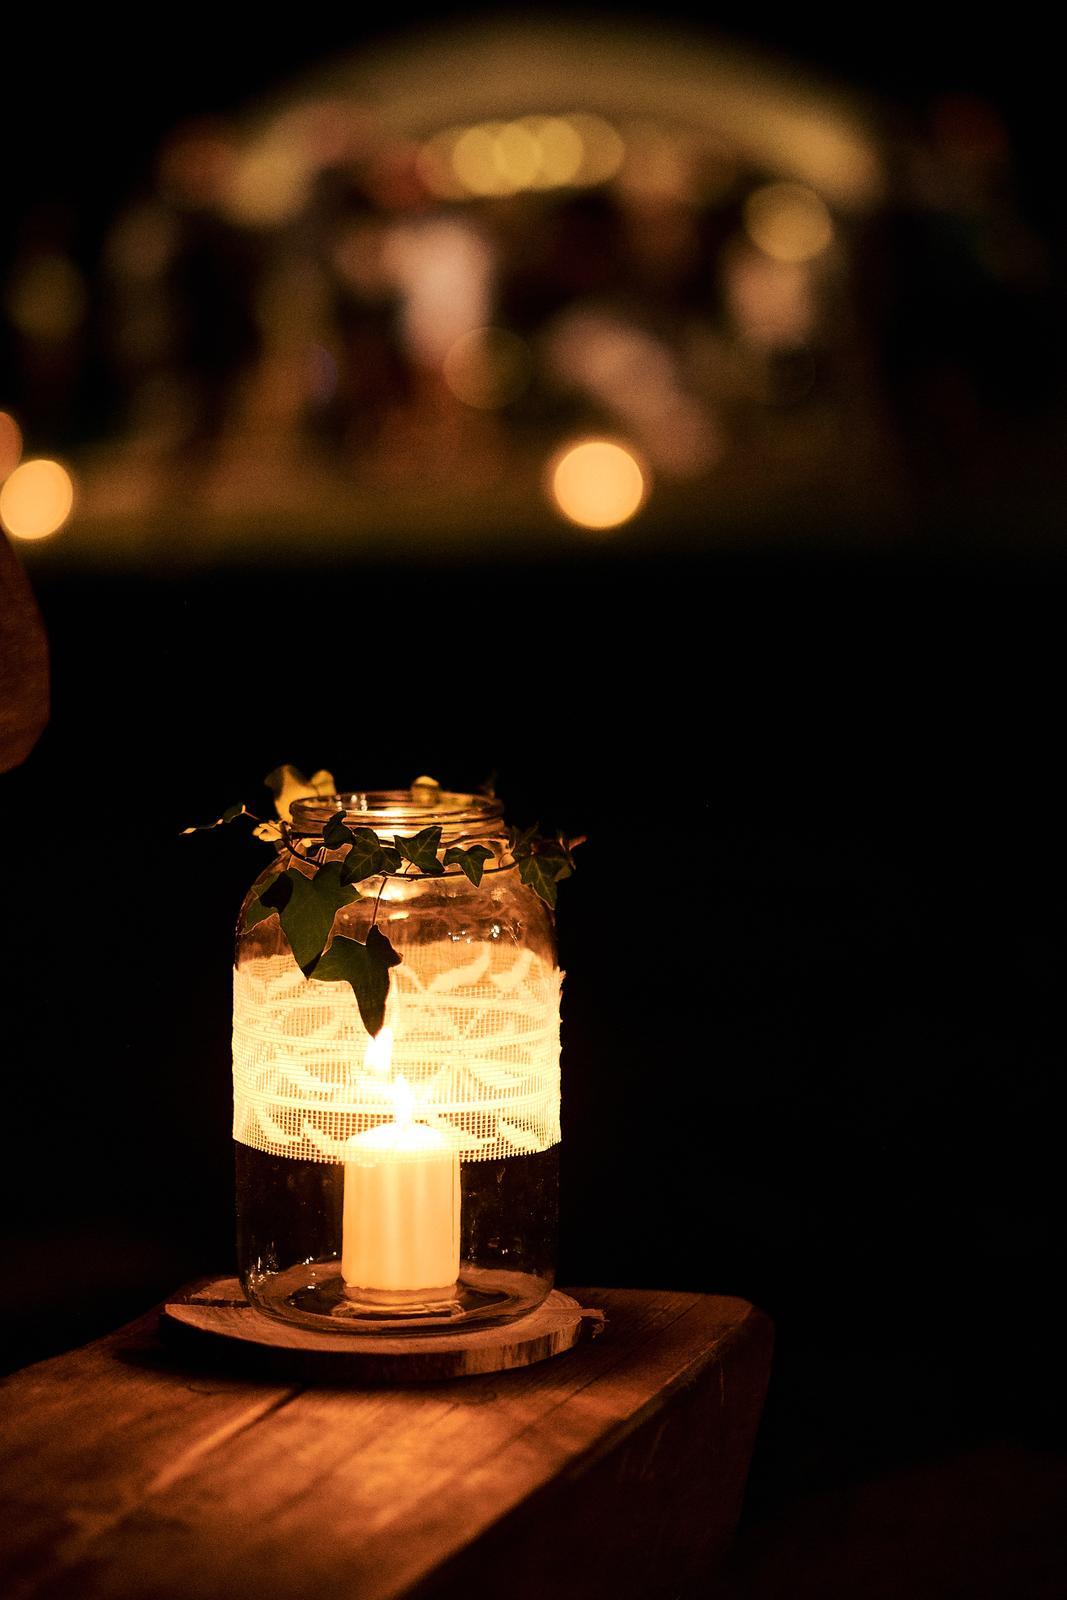 Svícny velké, vázičky, svícny malé - Obrázek č. 1